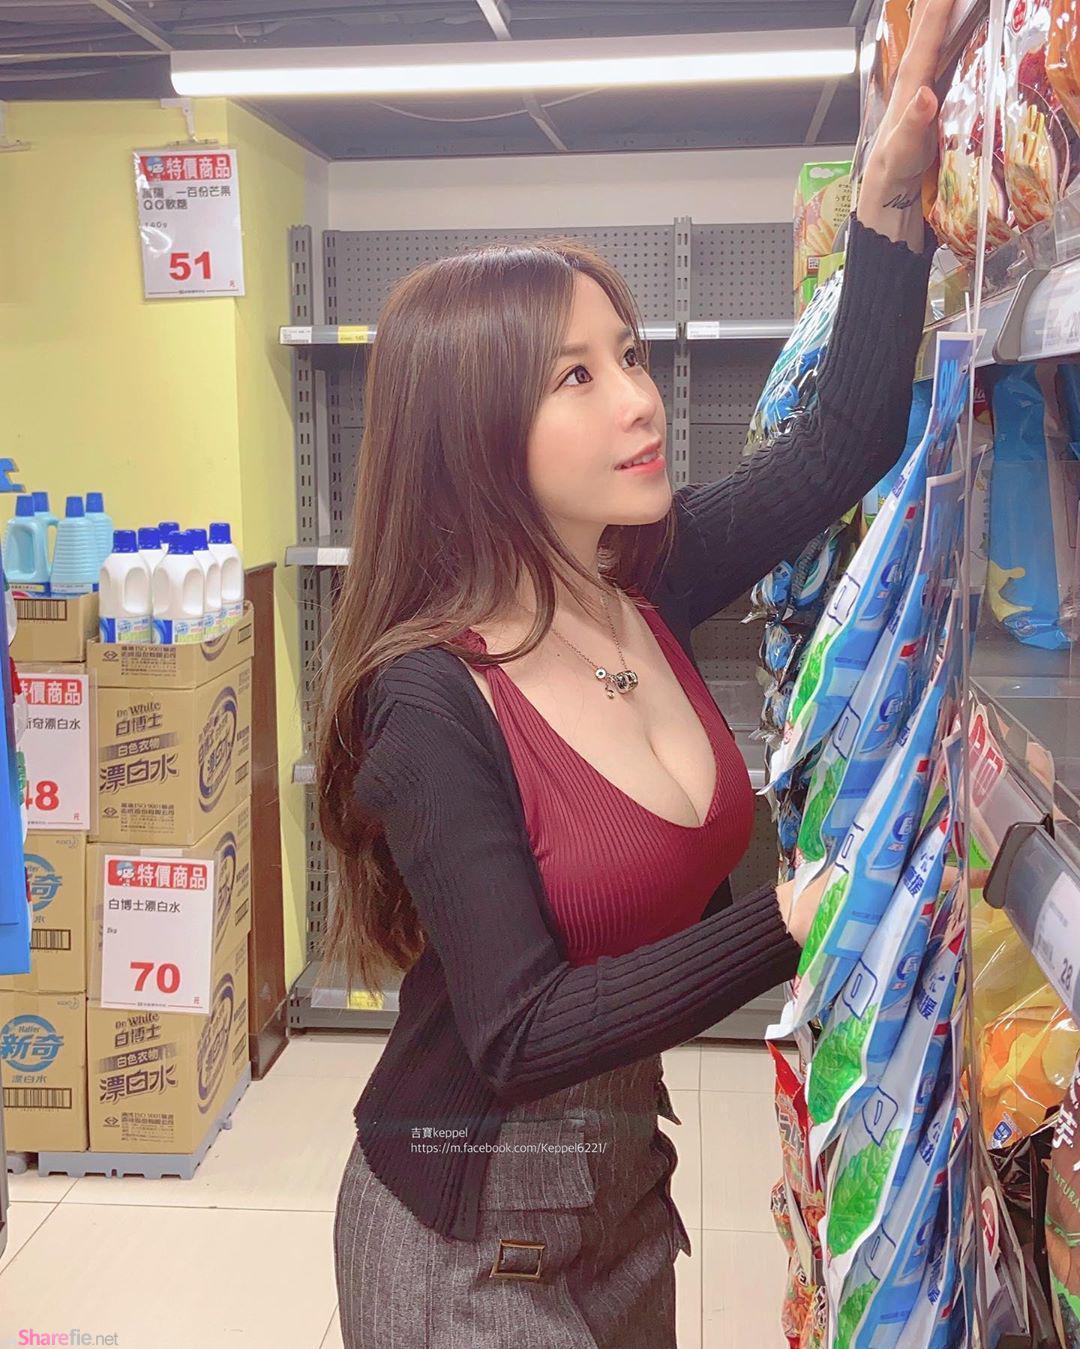 逛超市遇见超凶女生要如何上前搭讪,她:「你长得好像我下一任女朋友」